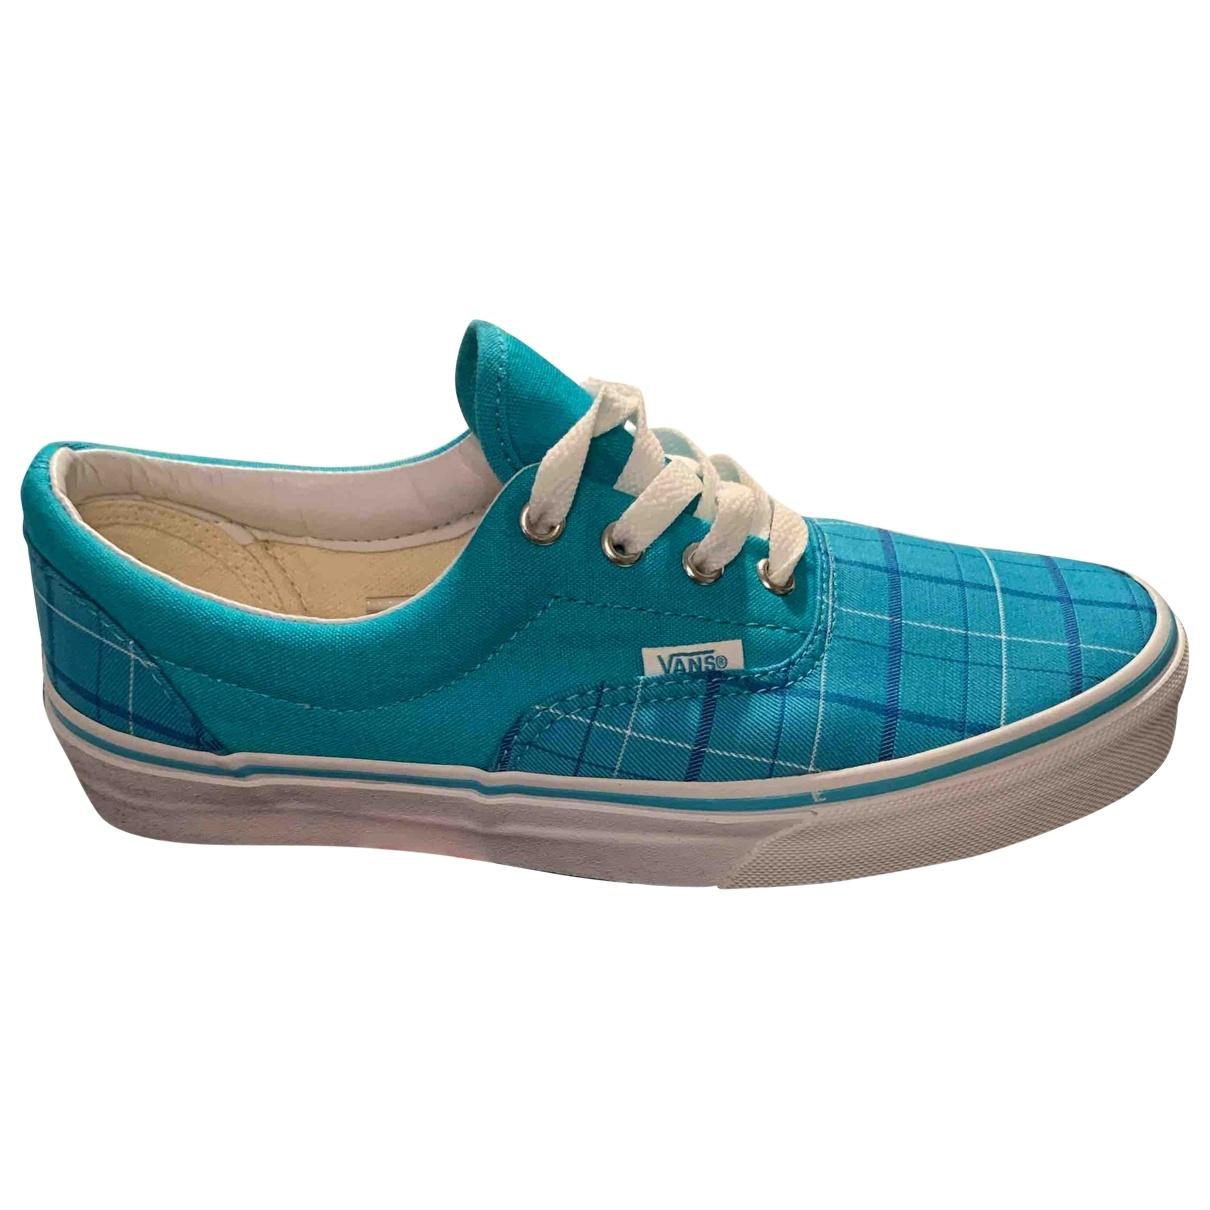 Vans - Baskets   pour femme en toile - bleu